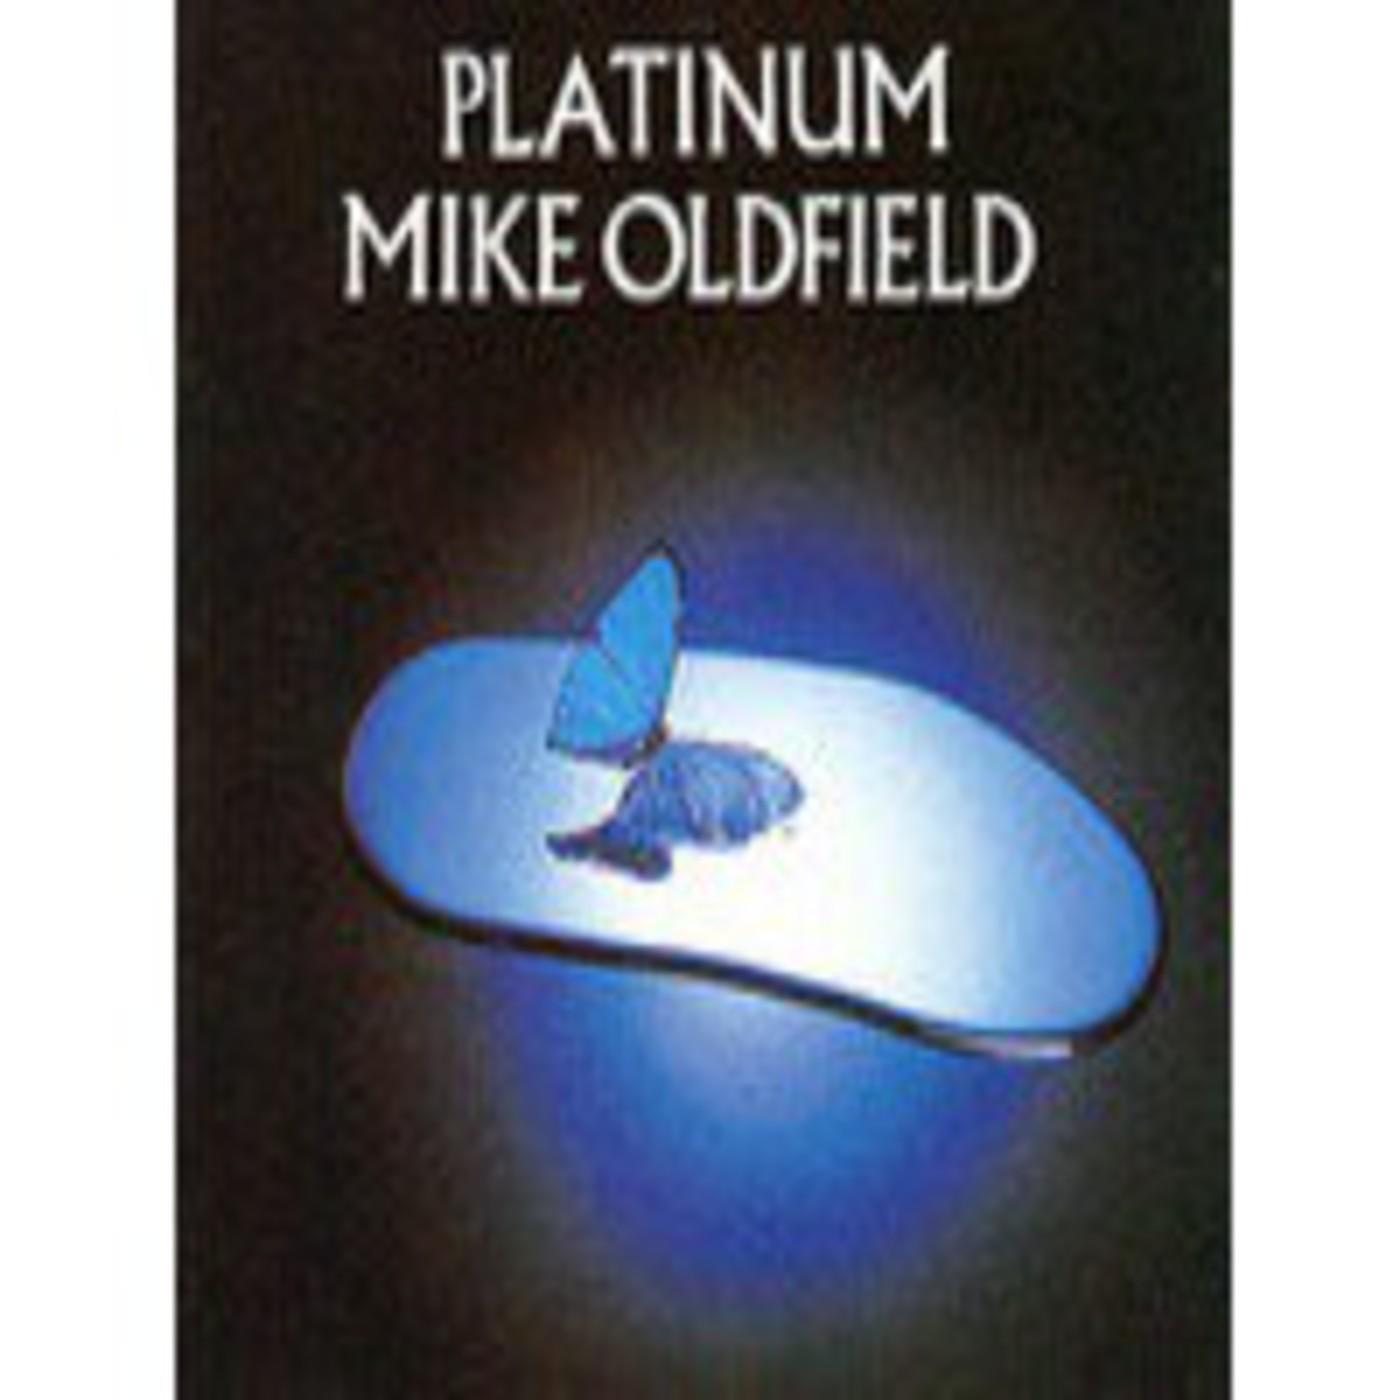 Mike oldfield north star platinum en musicas milenio 3 y for Cuarto milenio radio horario